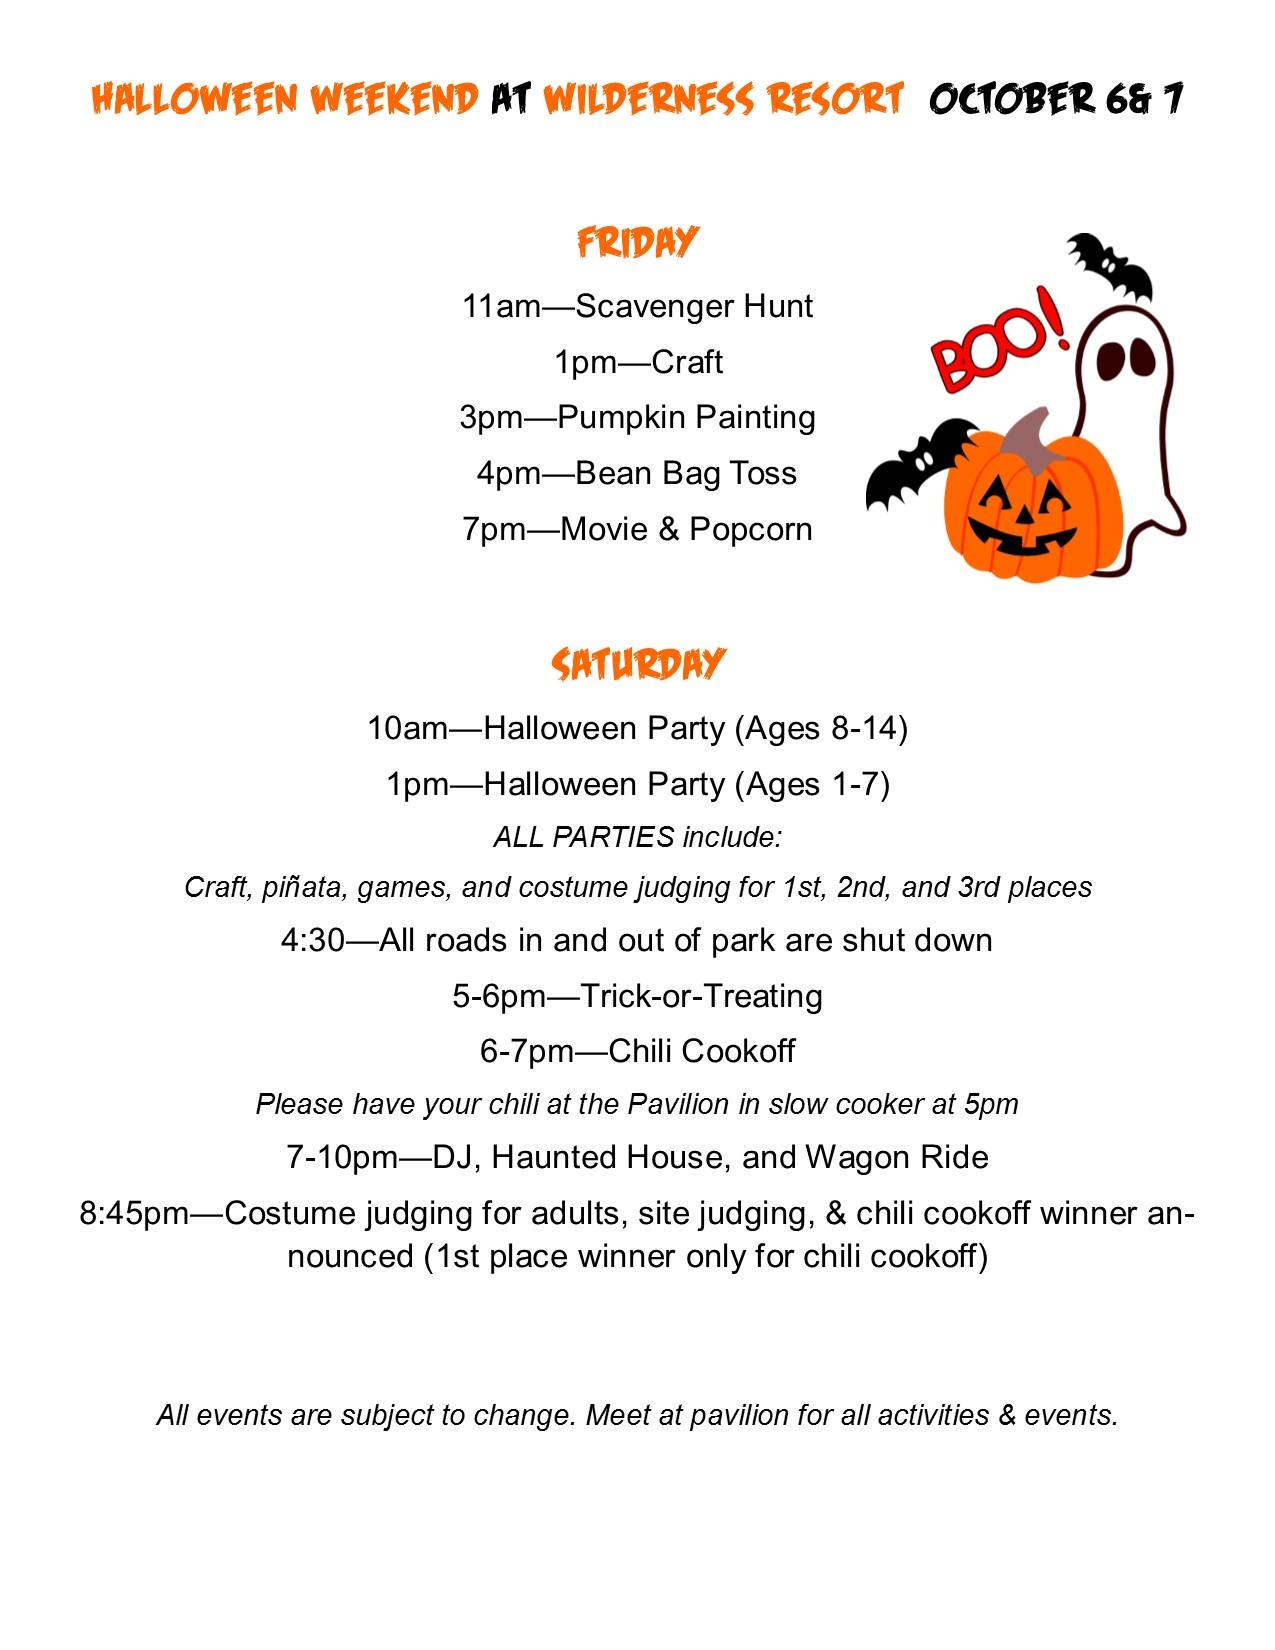 Resort Halloween Schedules 2017 Outdoor Adventures Resorts